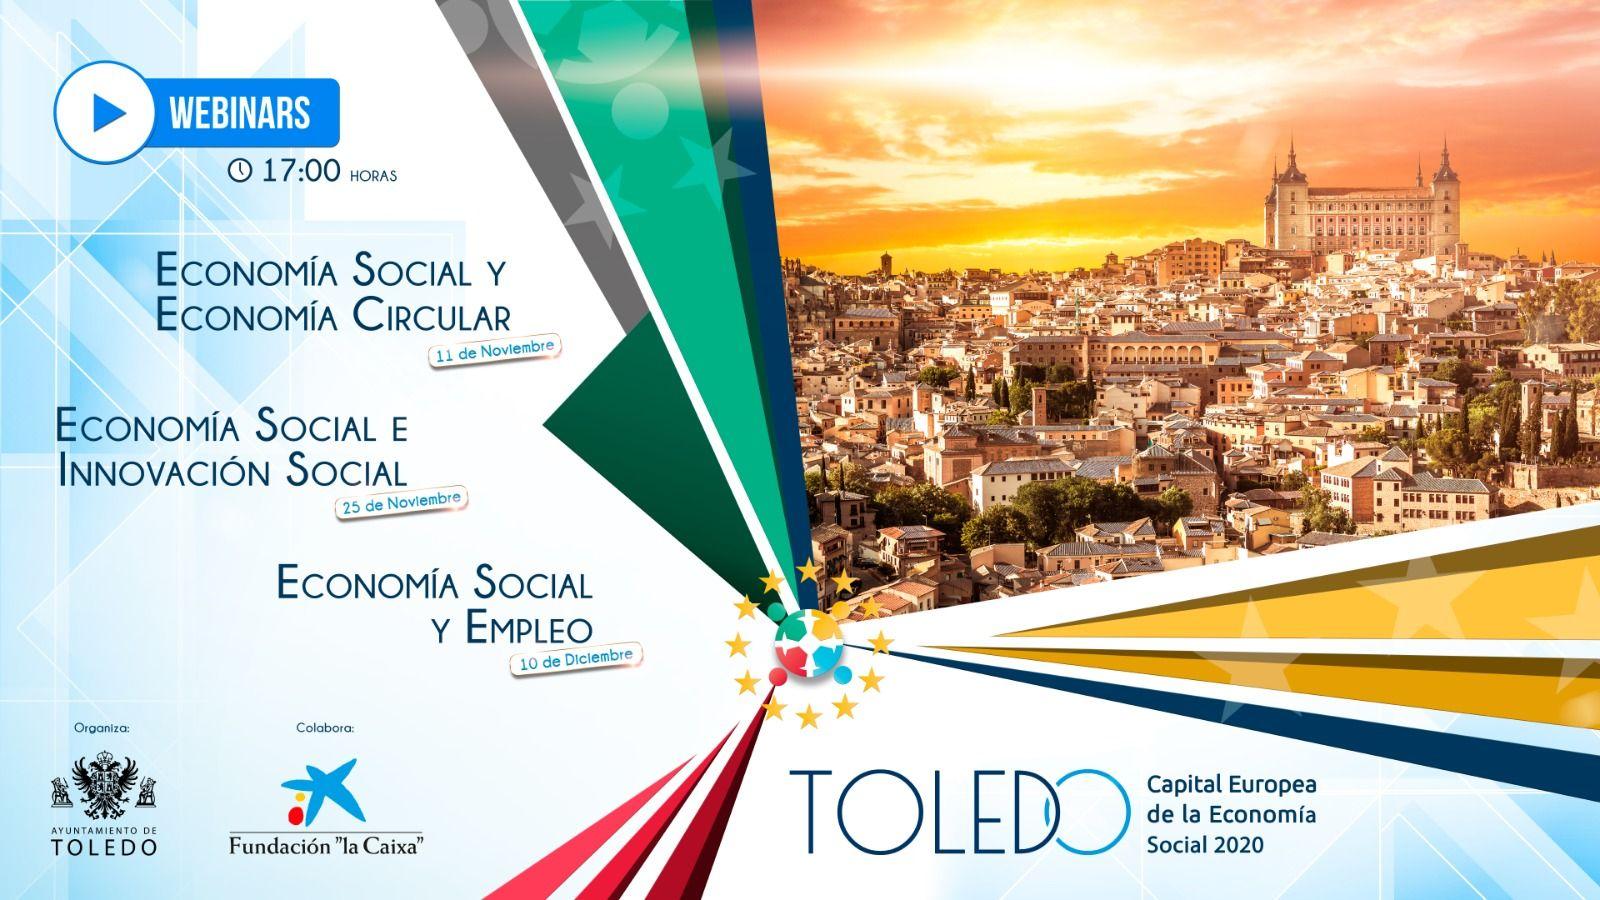 Comienzan los seminarios webs incluidos en el programa de Toledo como Capital Europea de la Economía Social